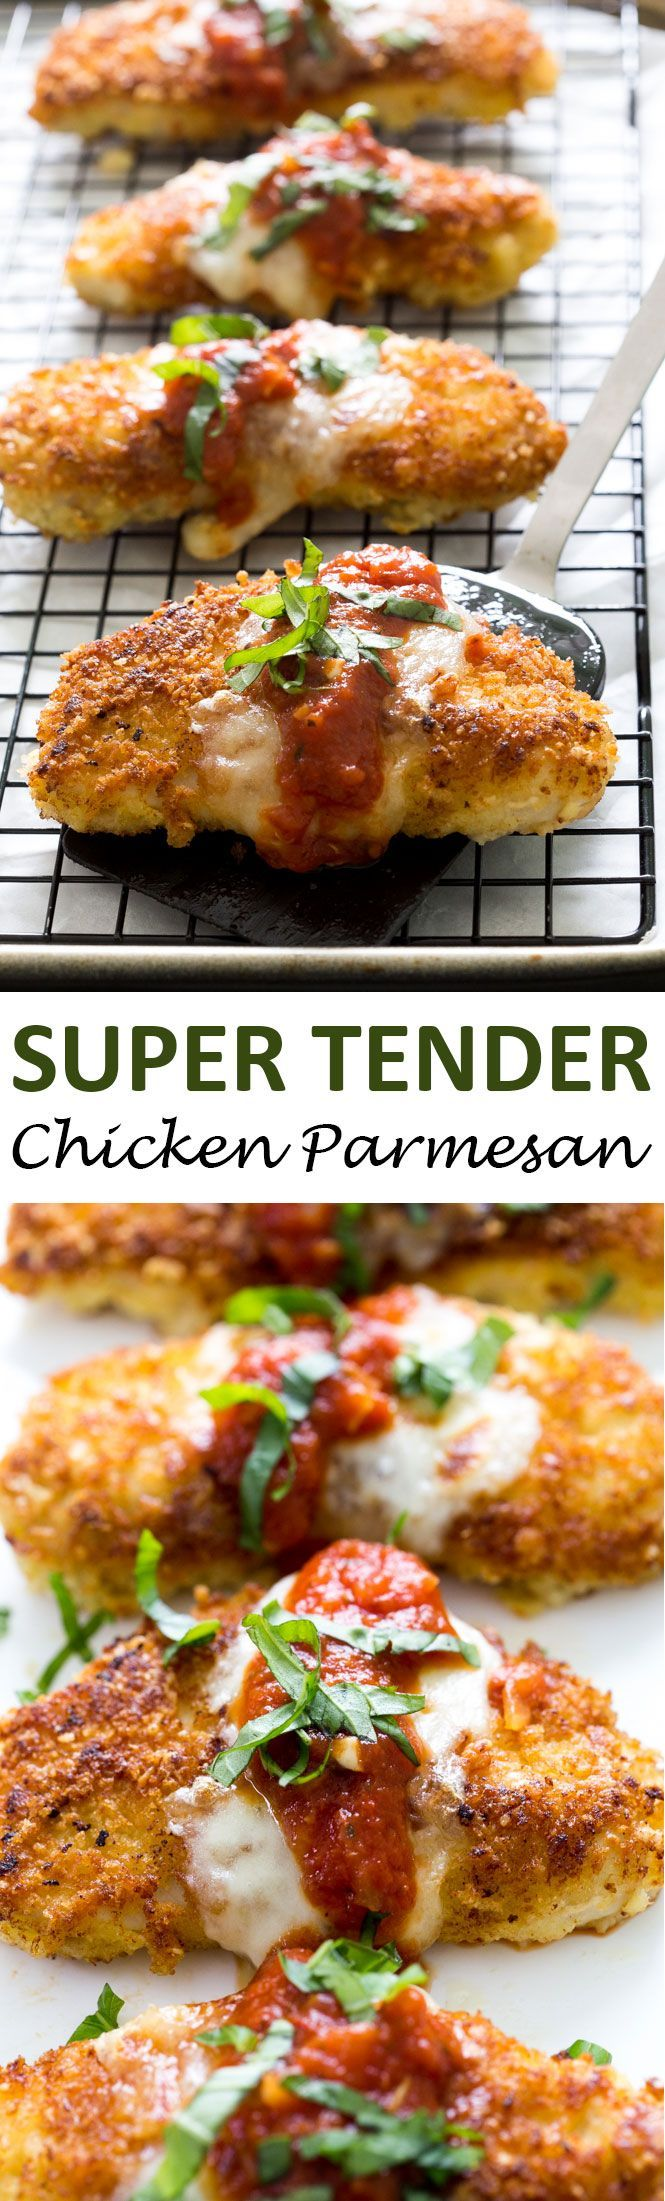 The Best Chicken Parmesan Chicken Parmeseanchicken Parmesan Recipescheesy